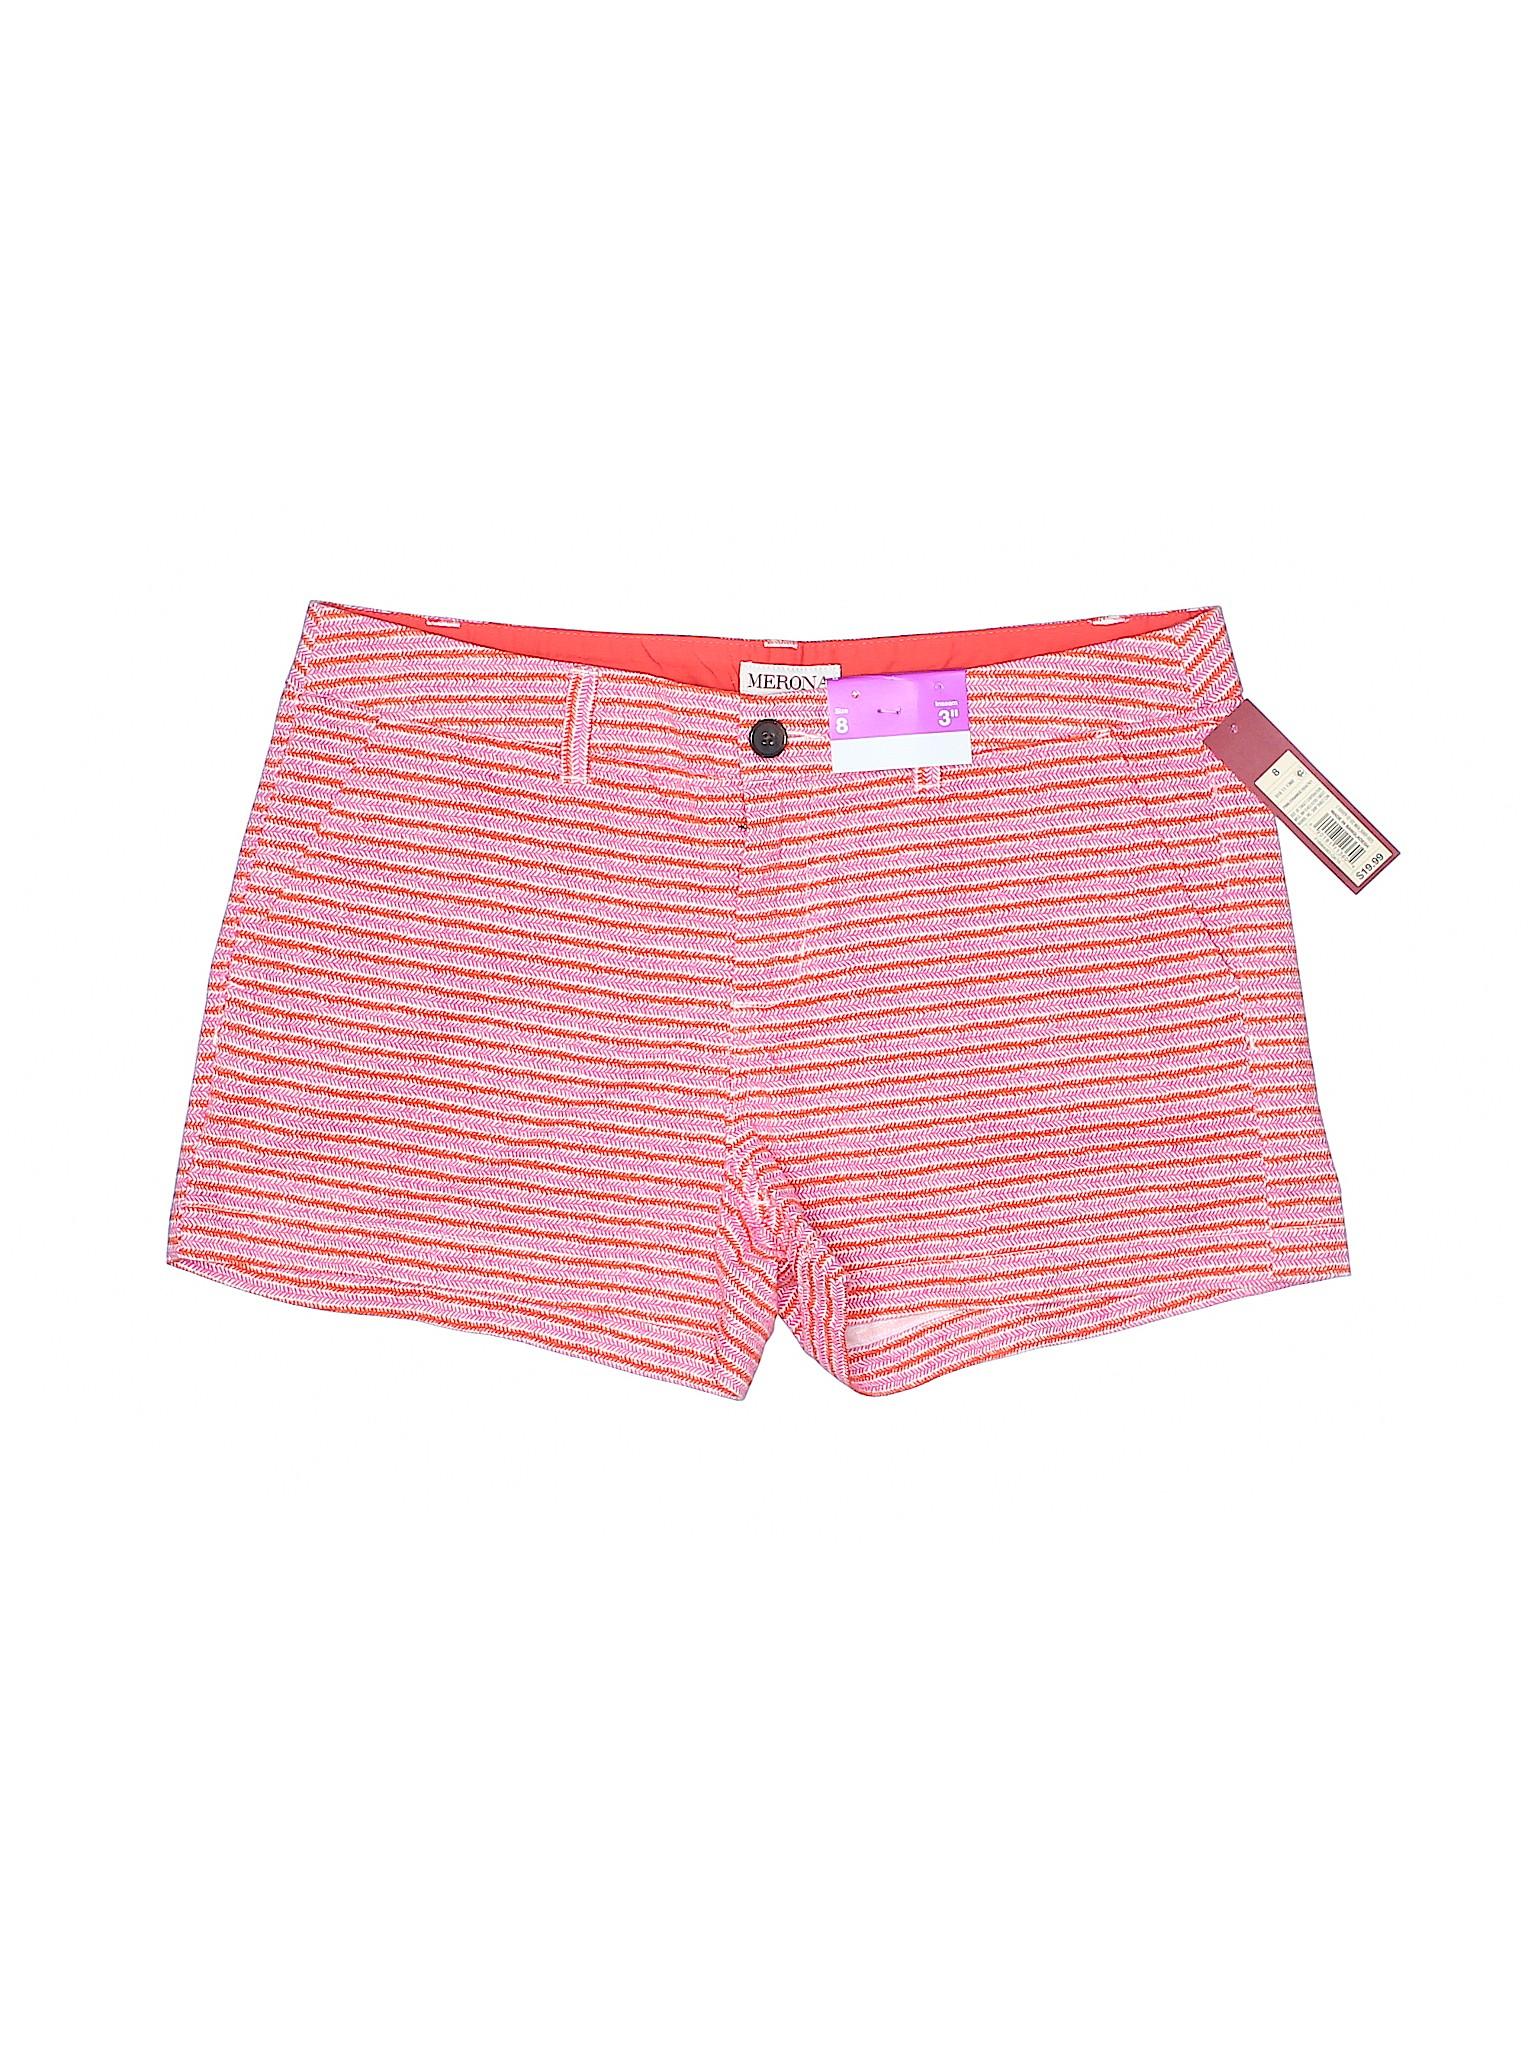 Boutique Shorts Merona Khaki Boutique Merona Merona Khaki Shorts Boutique Boutique Shorts Khaki 4SdAqqwx0